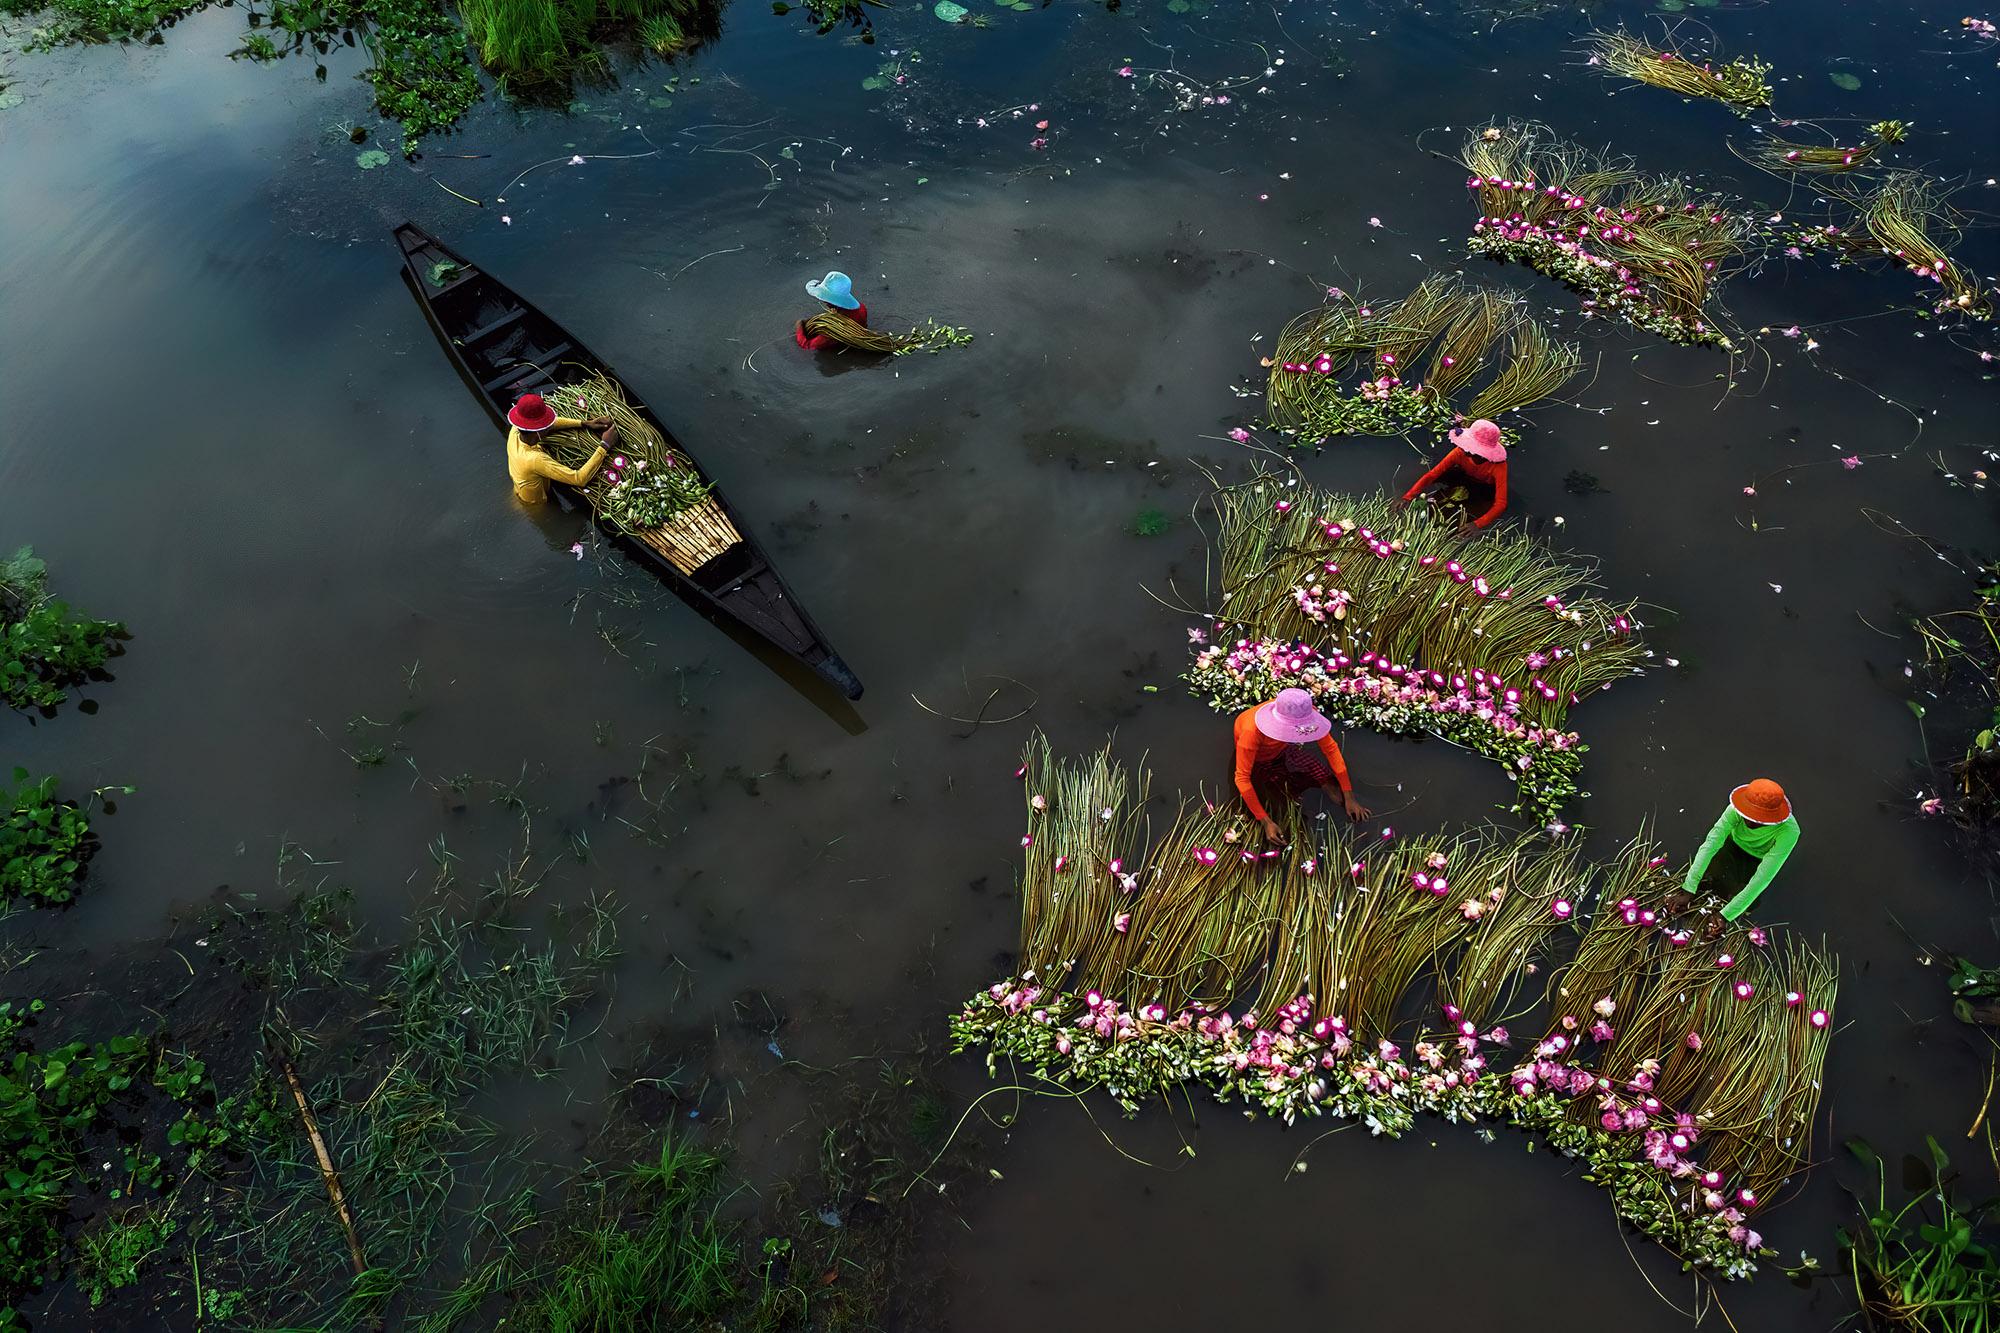 彩色照片,渔民收集睡莲的工作,人民竞赛的决赛入围者